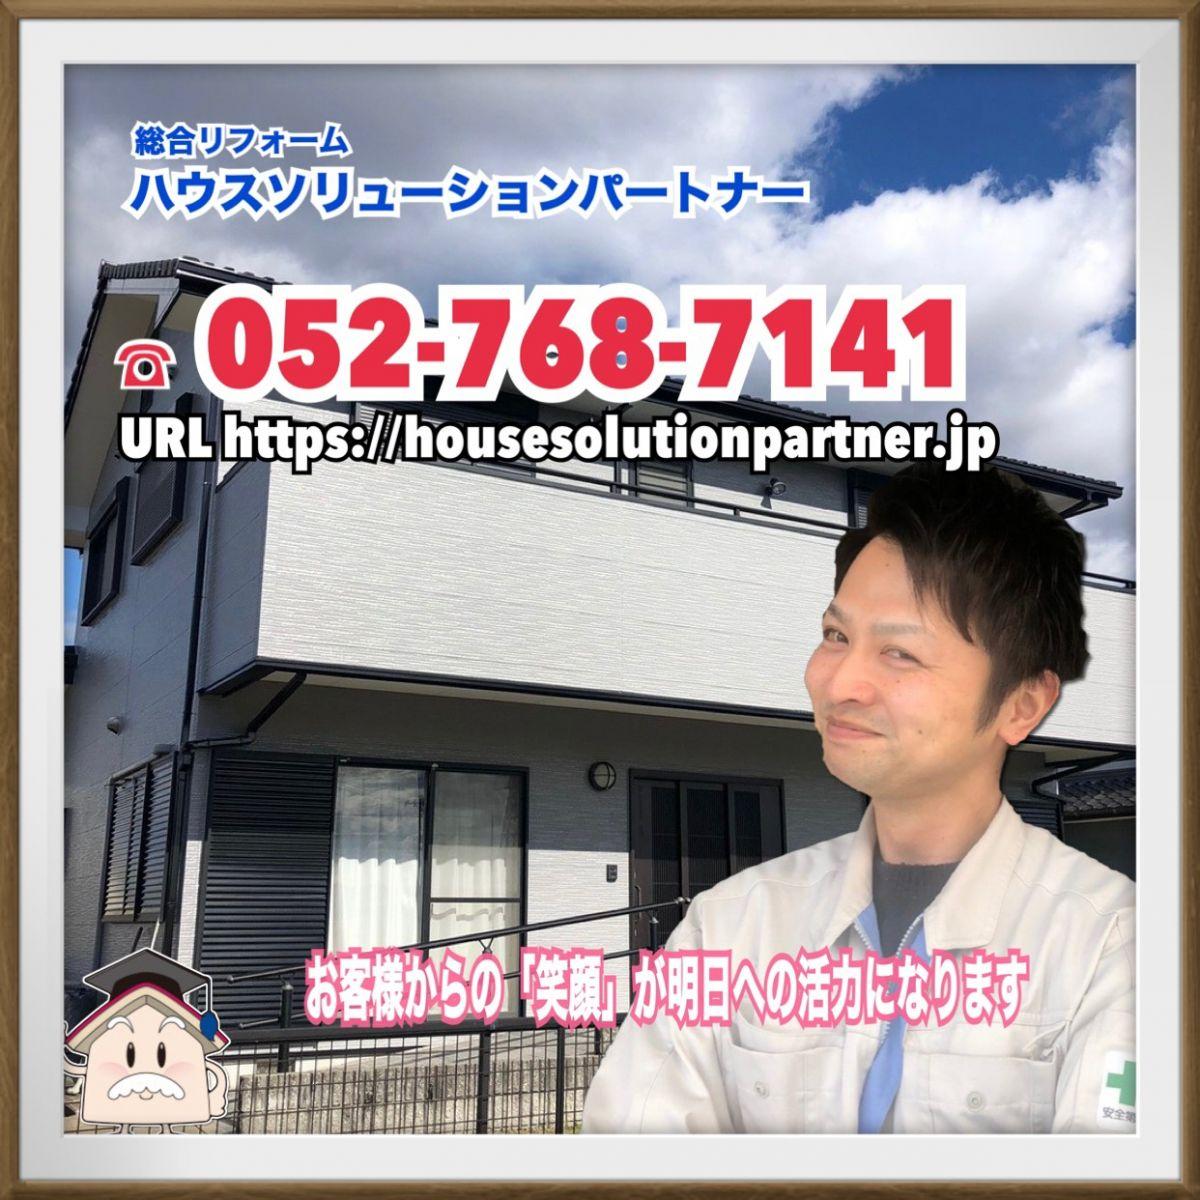 jirei_image53555